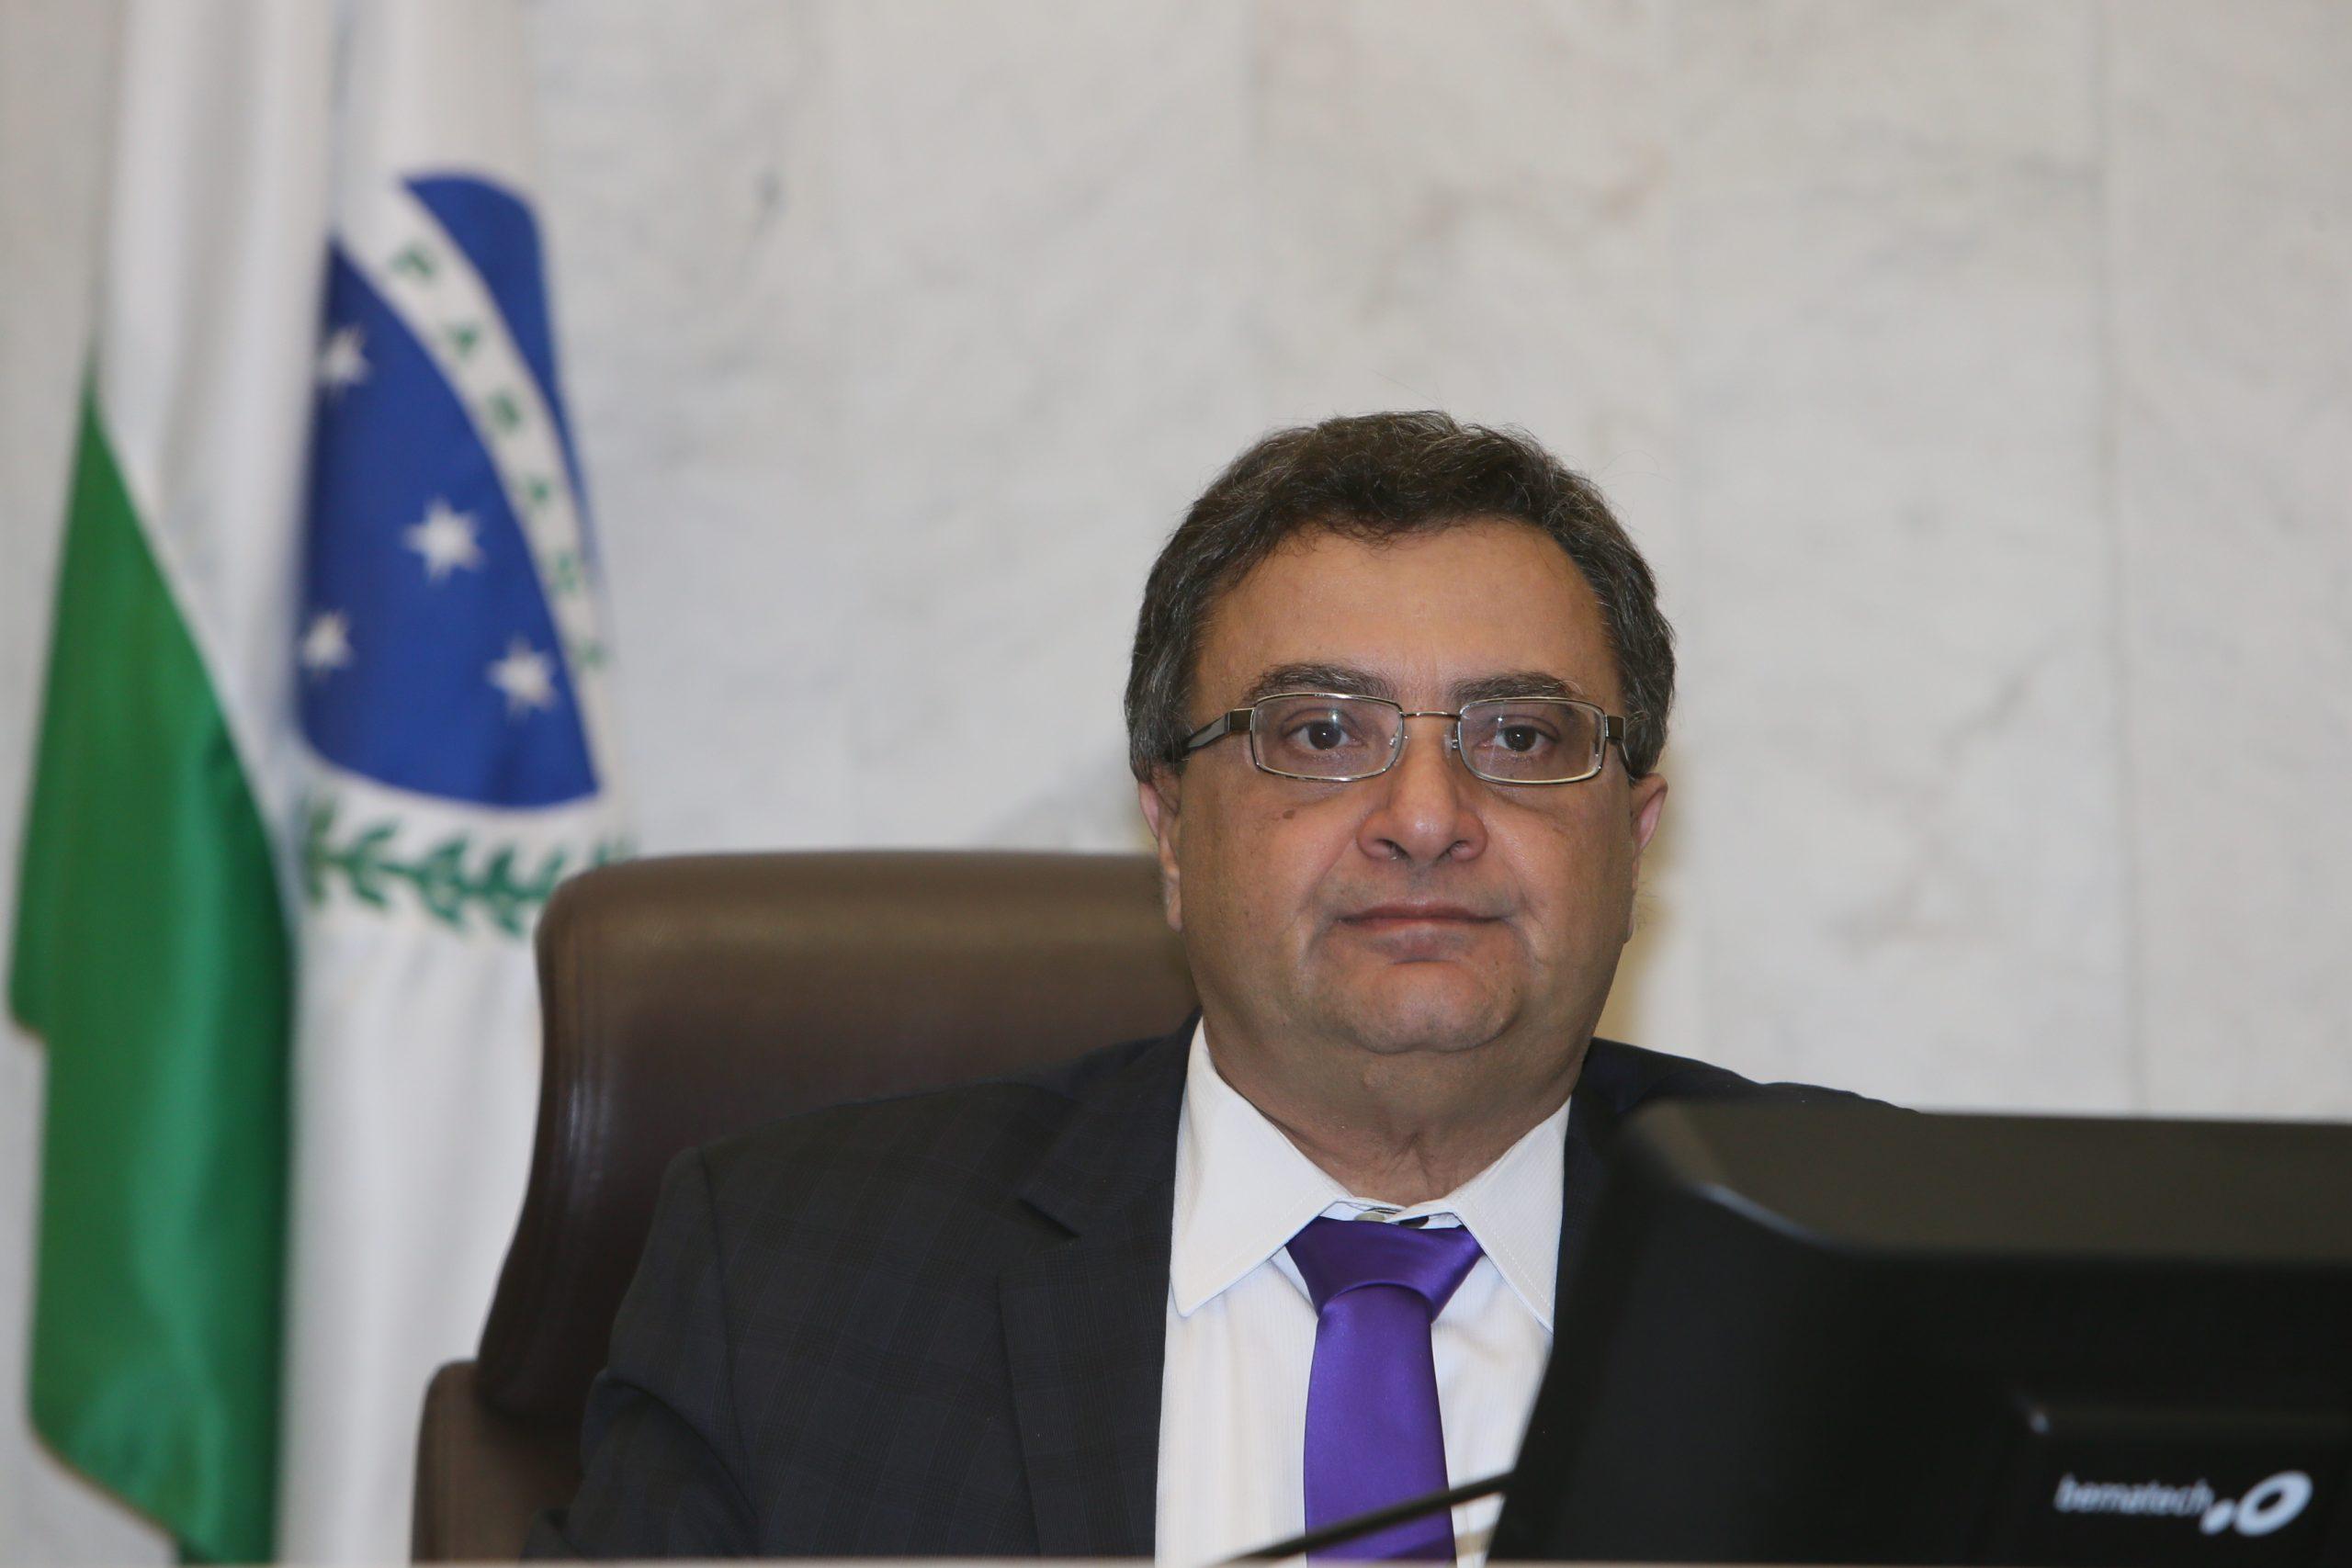 Michele Caputo pede suspensão da cobrança do ICMS sobre medicamentos bonificados